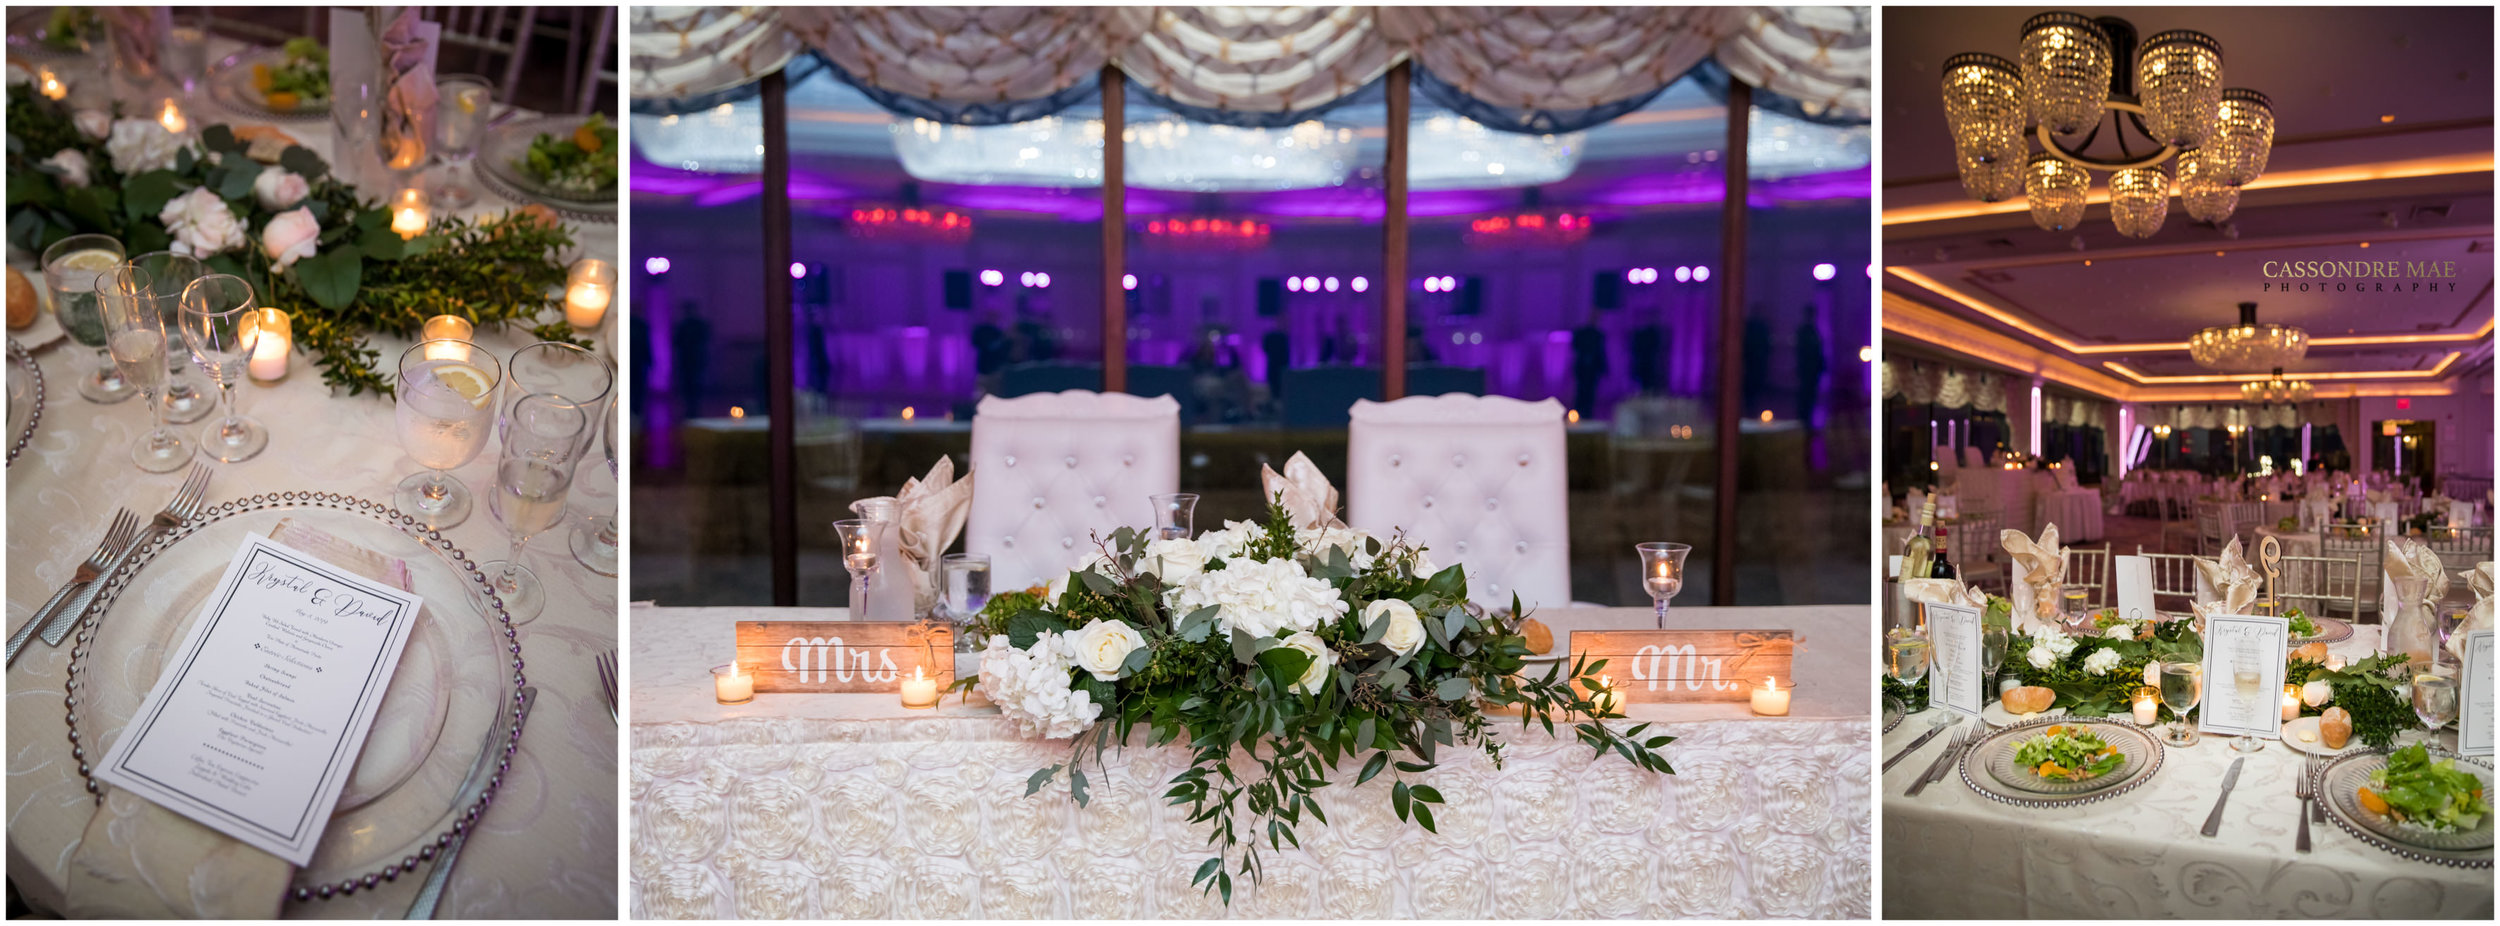 Cassondre Mae Photography Marina Del Ray Weddings 21.jpg